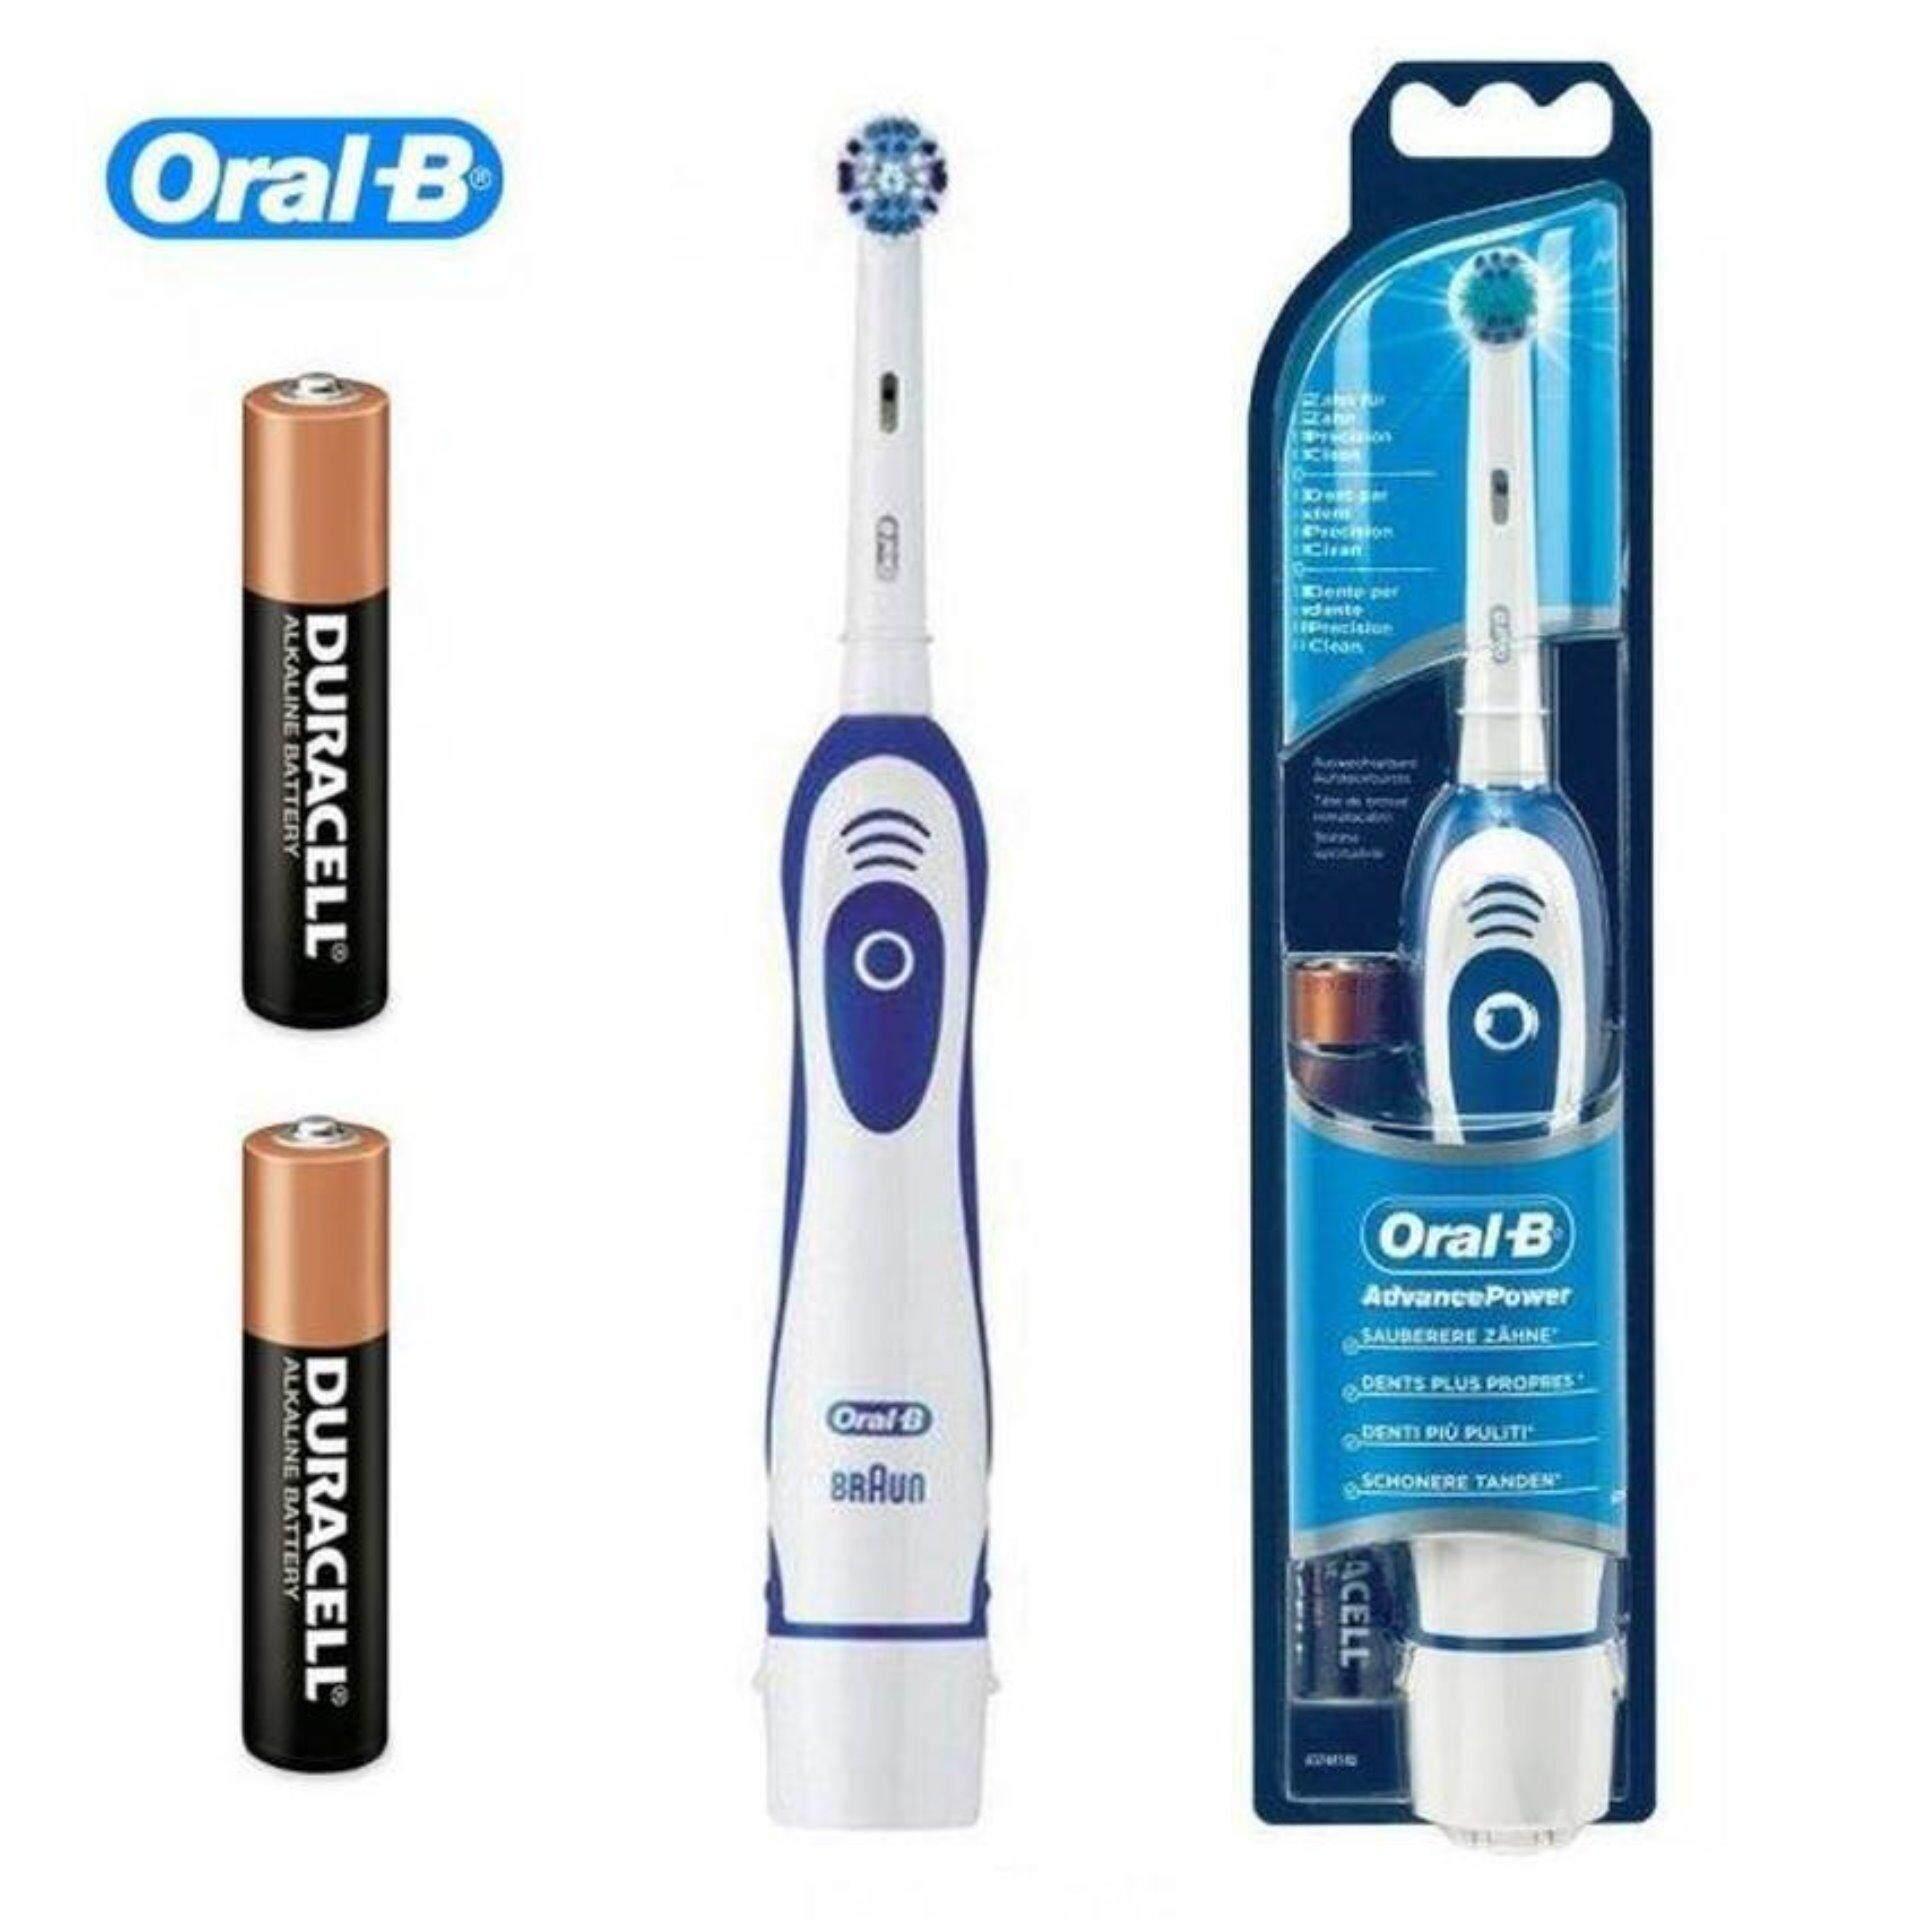 ยะลา Oral B Advance Power400 แปรงสีฟันไฟฟ้า ออรัล บี DB4010 Battery Powered Electric Toothbrush